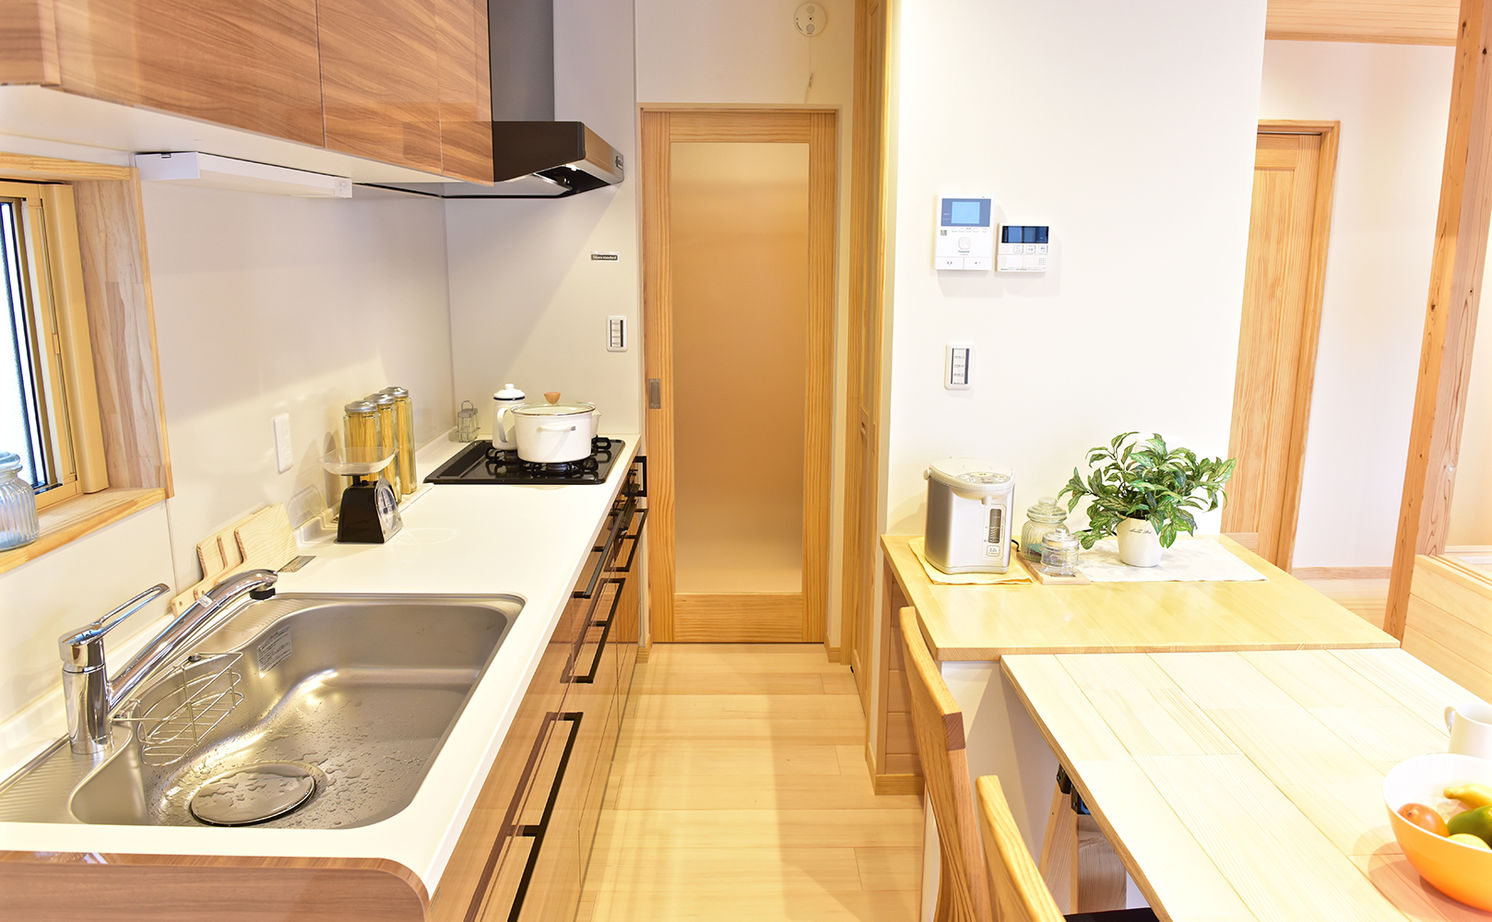 【本体価格2300万円】「もみの木」の家で自然素材の心地よさを実感。便利な生活動線にも大満足の住まい画像3